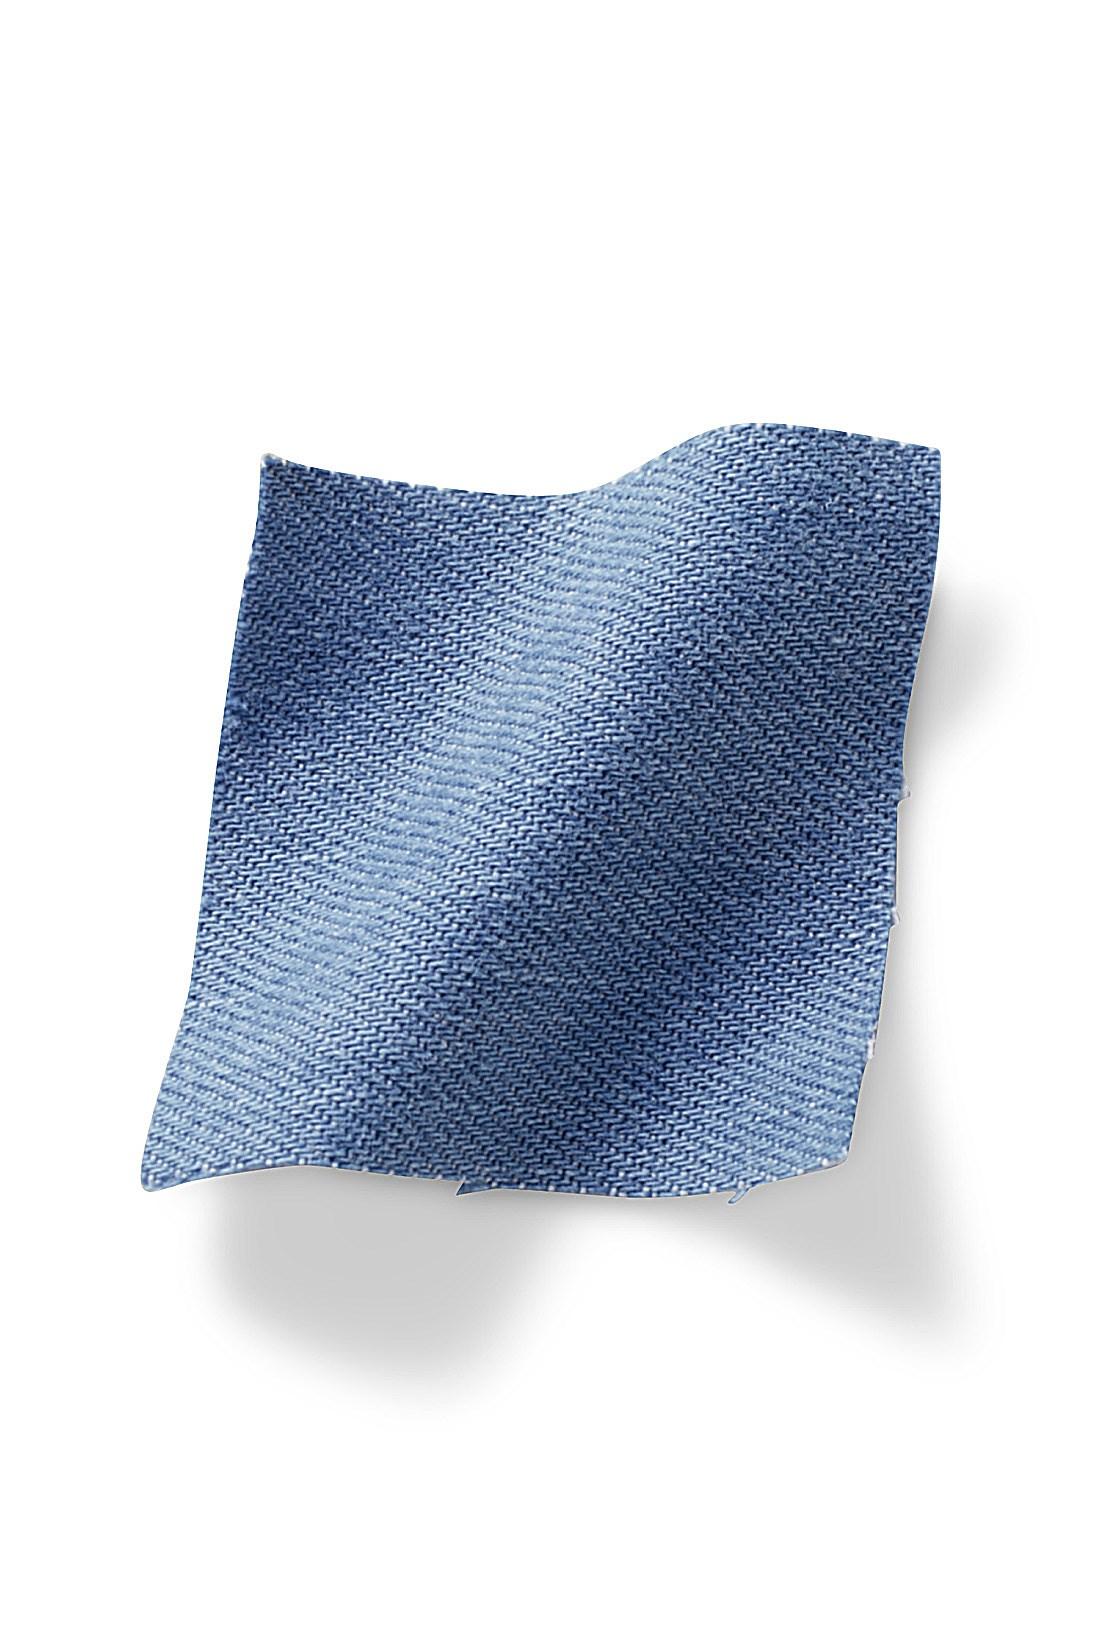 軽い風合いのデニム生地 7.8オンスのライトオンスデニム素材に洗いをかけてアタリや風合いを出した春らしい軽い素材感。